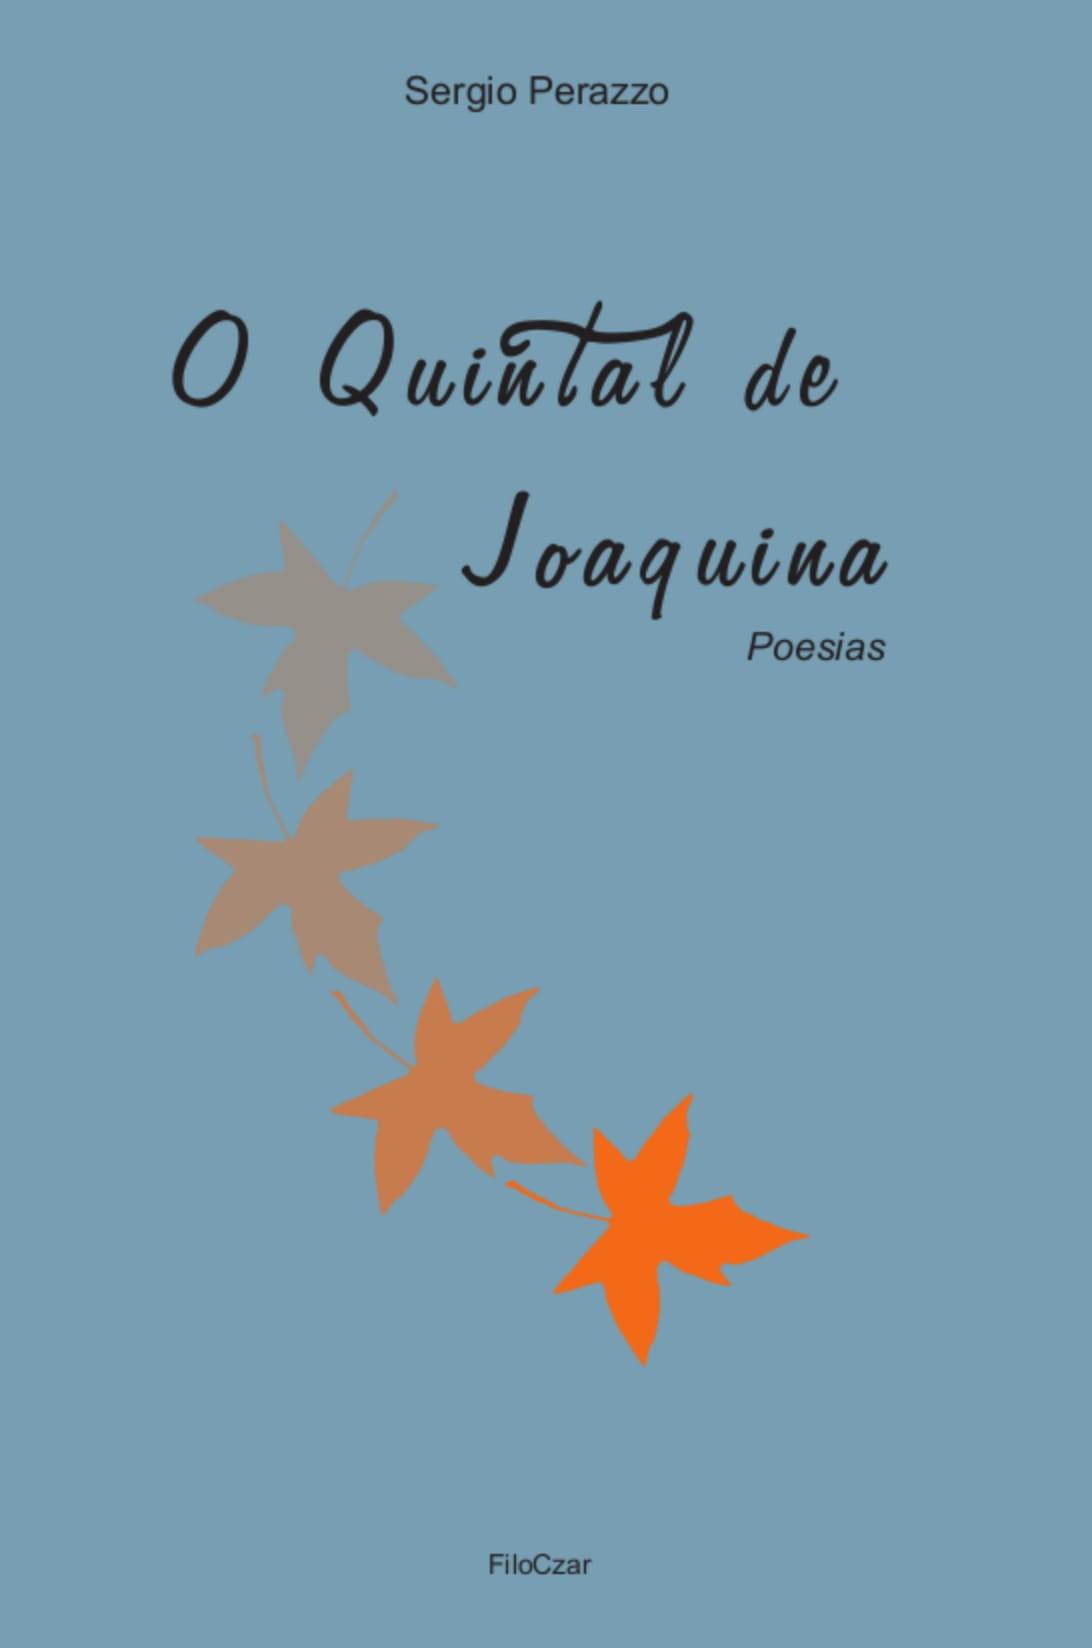 O quintal de Joaquina  - LiteraRUA